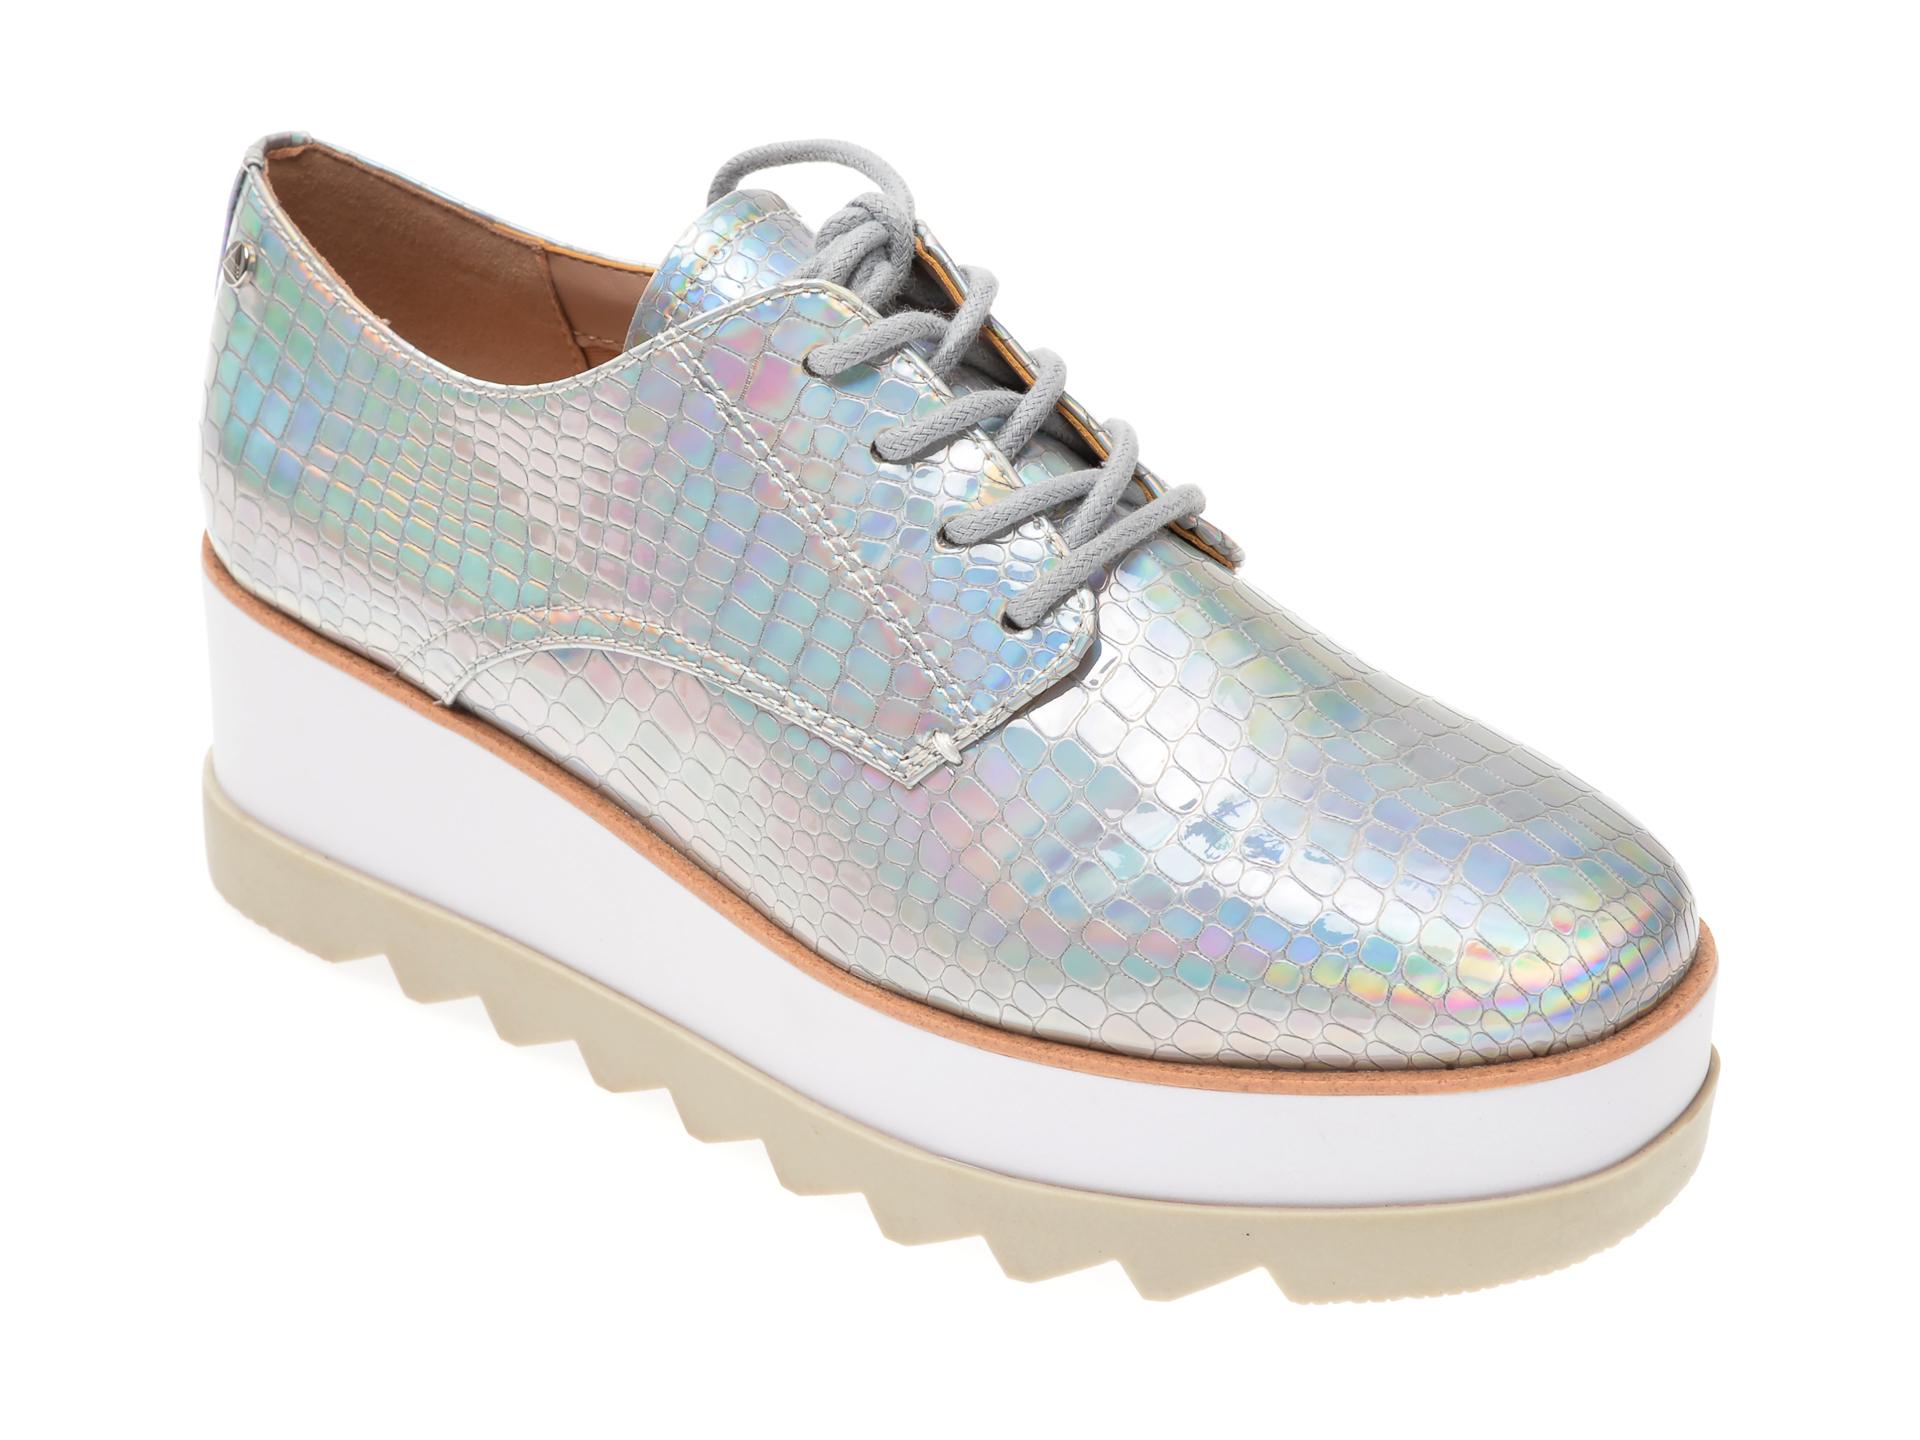 Pantofi ALDO argintii, Lollita962, din piele ecologica imagine